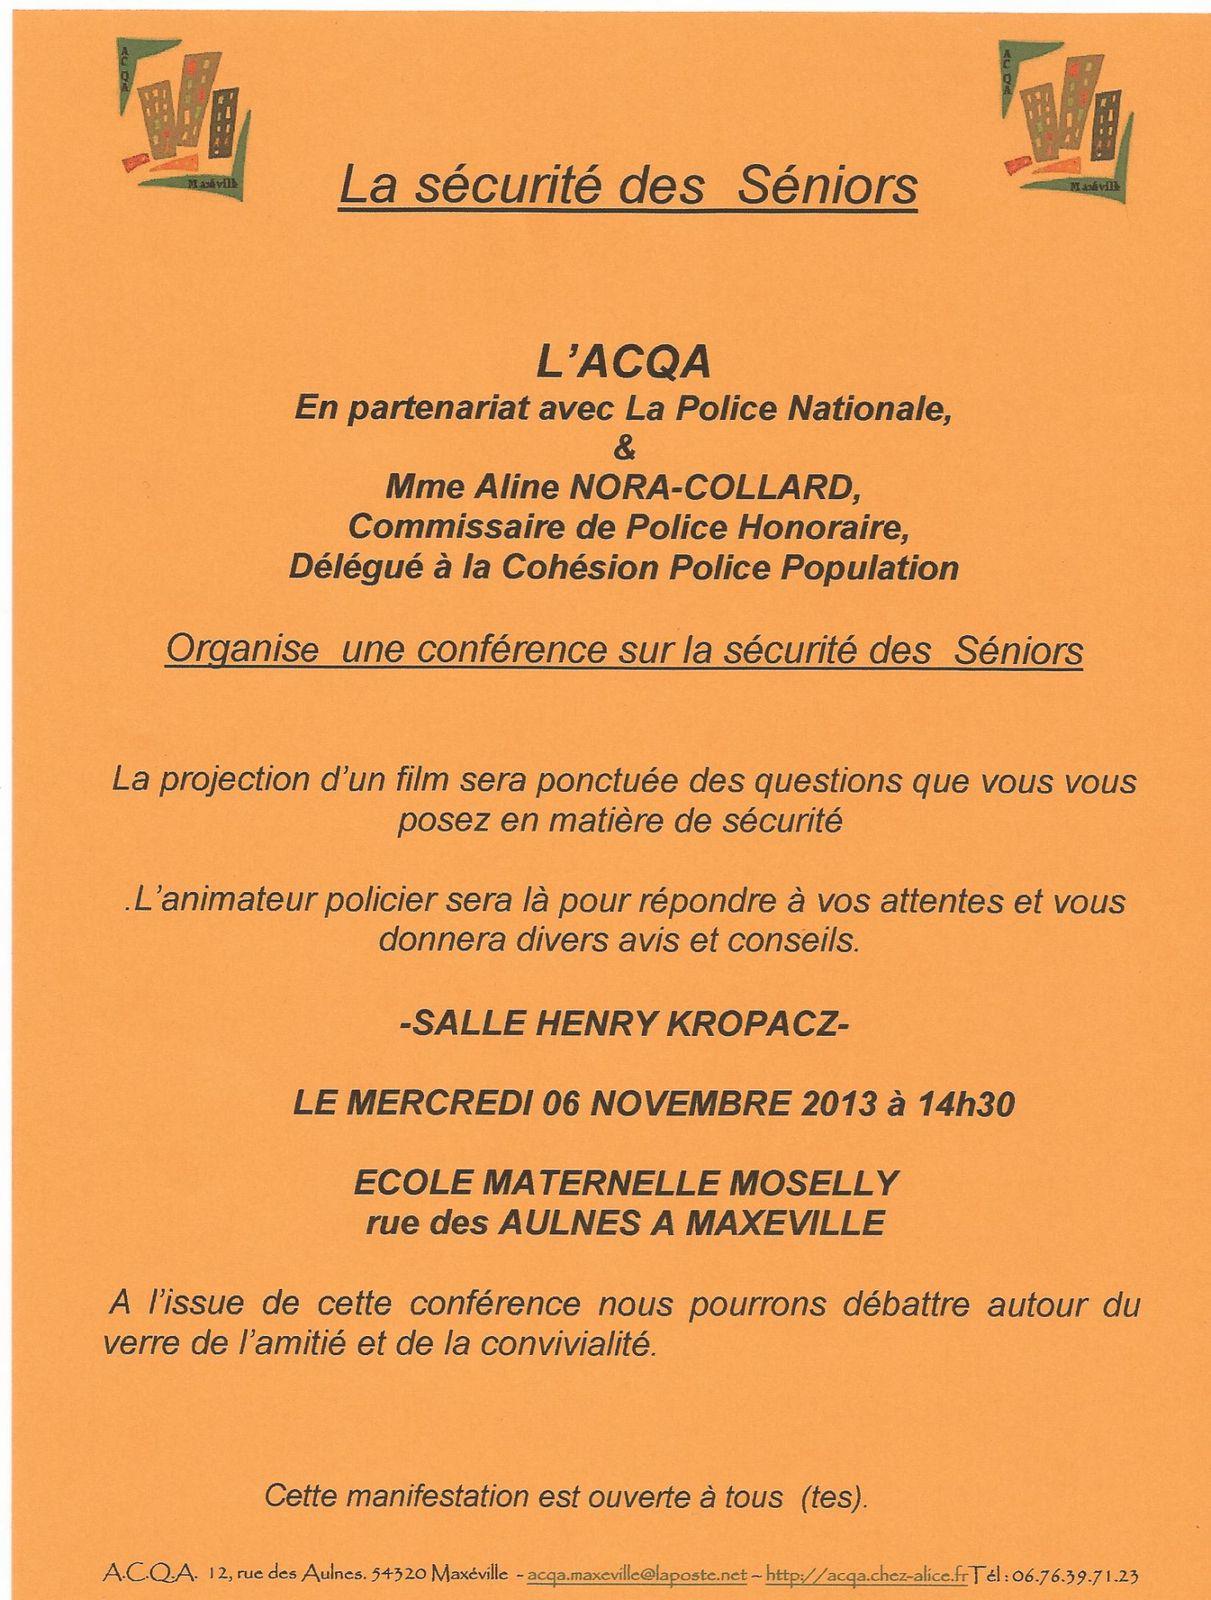 ACQA (Association du Collectif du Quartier des Aulnes) - 12 rue des Aulnes - 54320 Maxéville - Infos et renseignements: Téléphone: 03.83.98.38.62 et  06.76.39.71.23 - Site: http://acqa.chez-alice.fr - email: acqa.maxeville@laposte.net